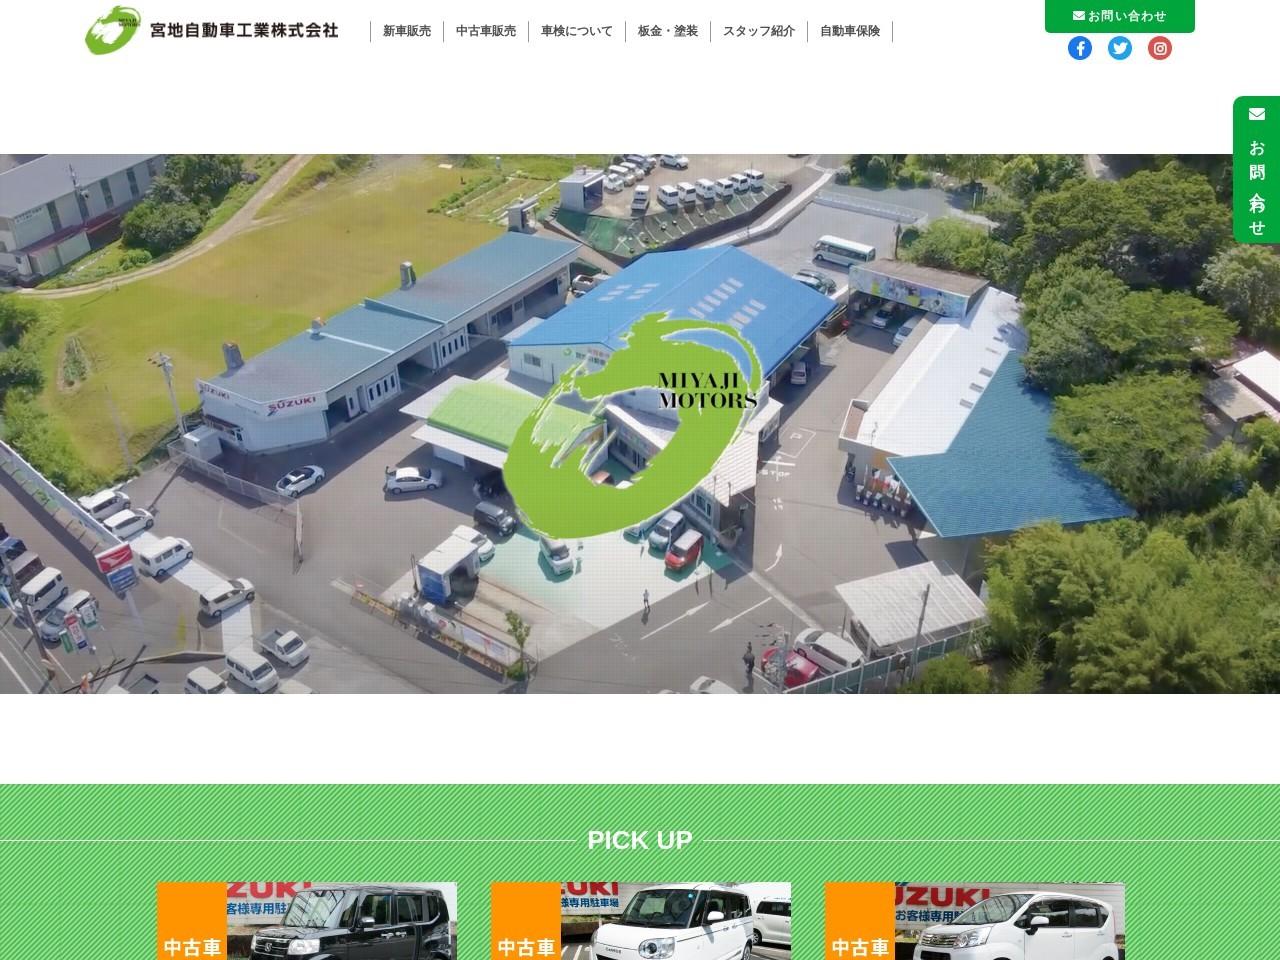 宮地自動車工業株式会社